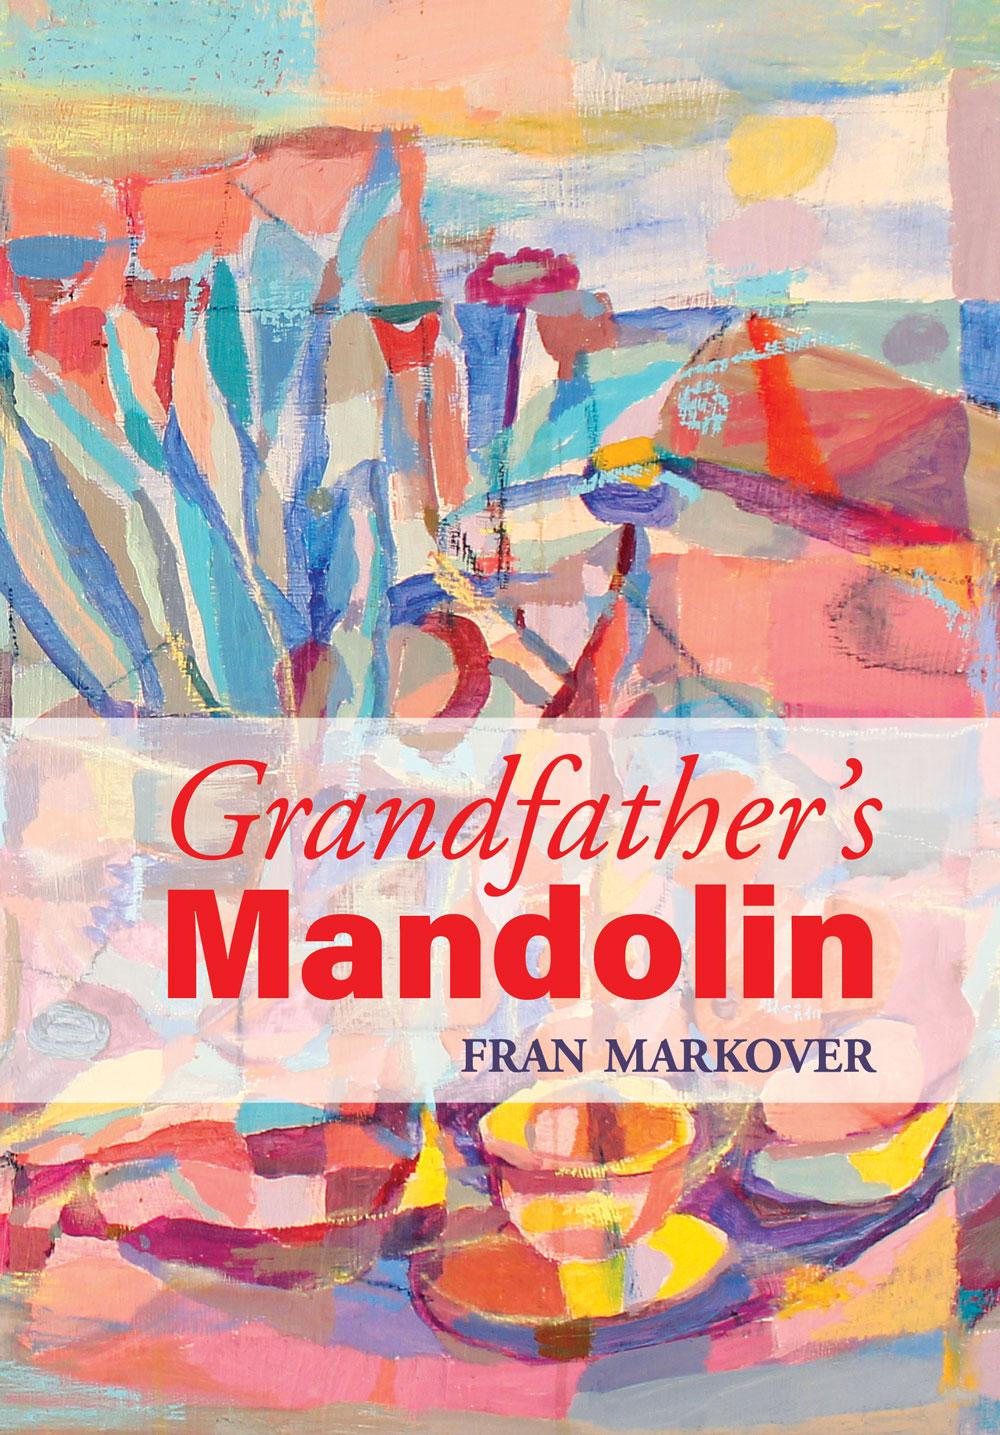 Grandfather's Mandolin book cover